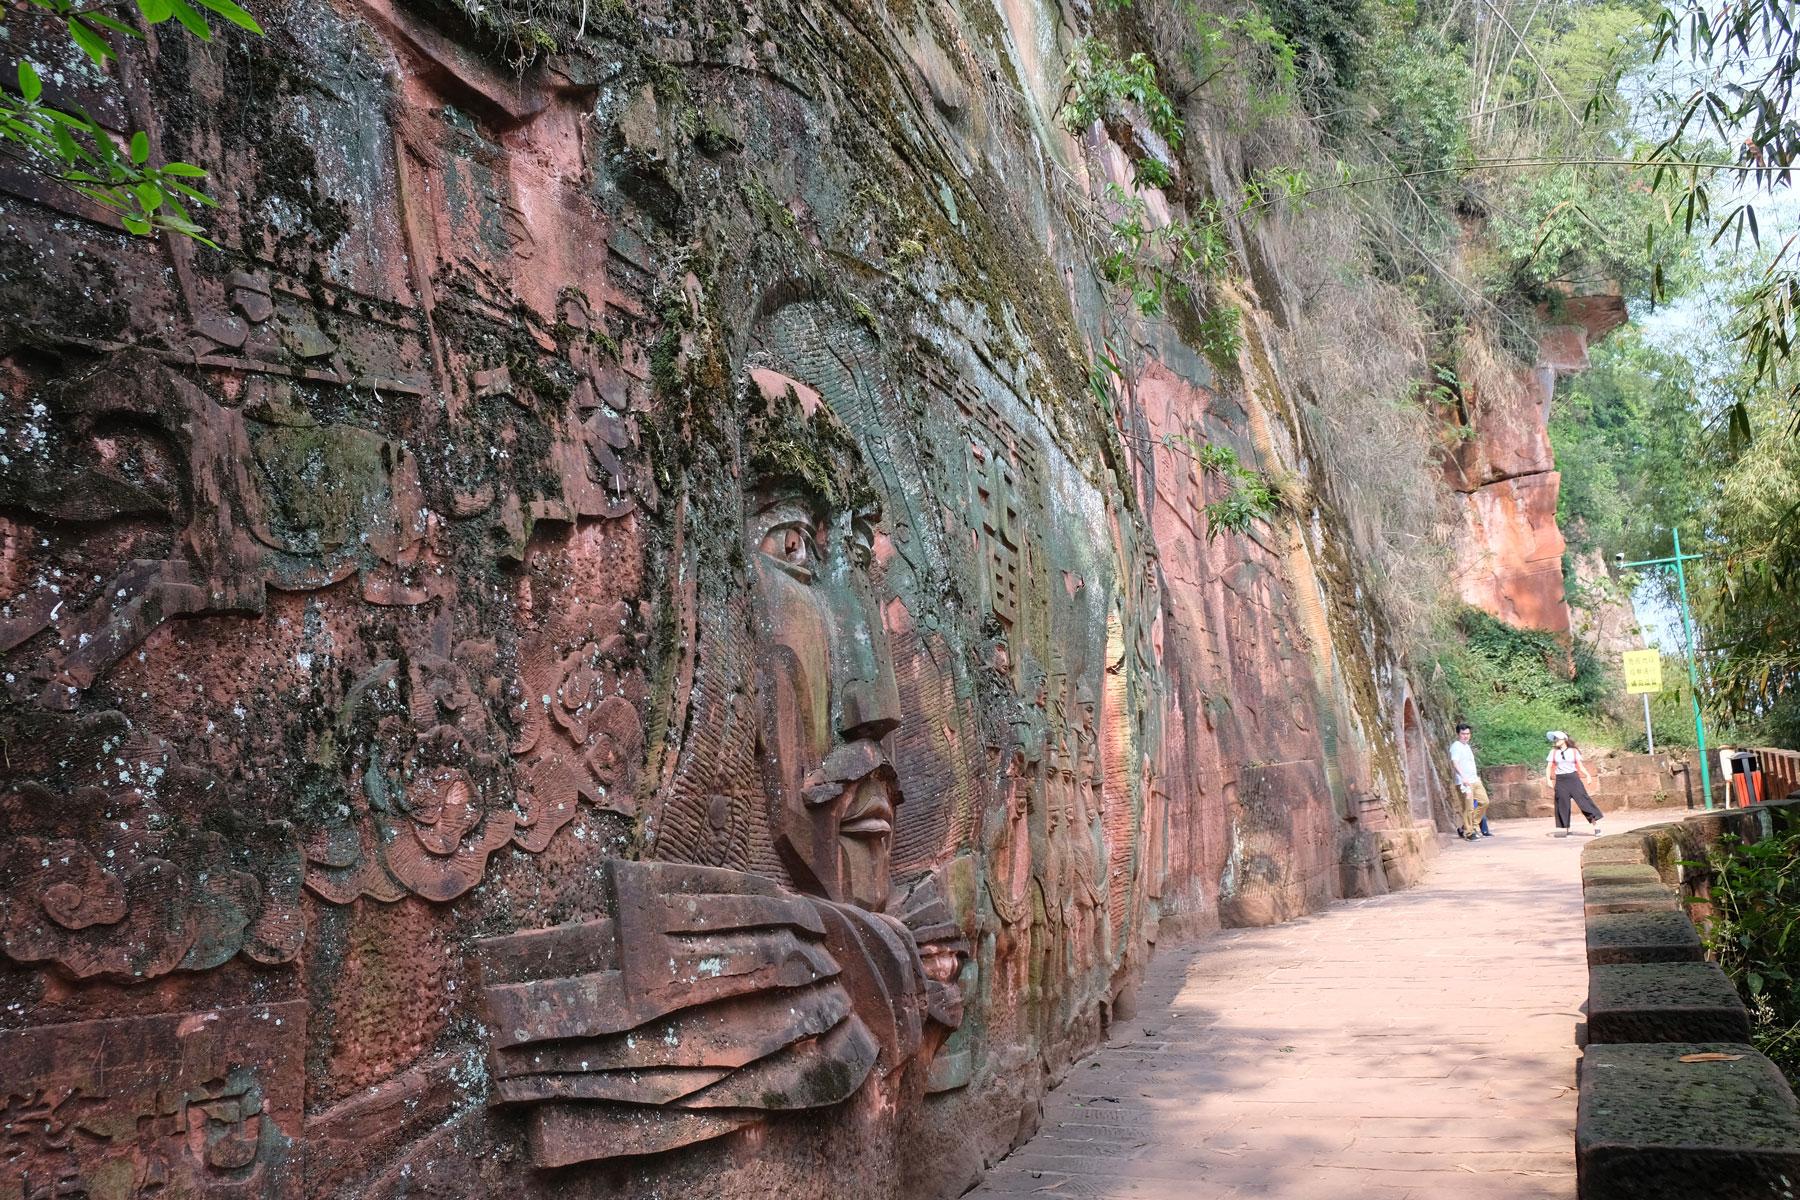 Felswand im Shunan Zhuhai Nationalpark, in die ein Gesicht gehauen wurde.